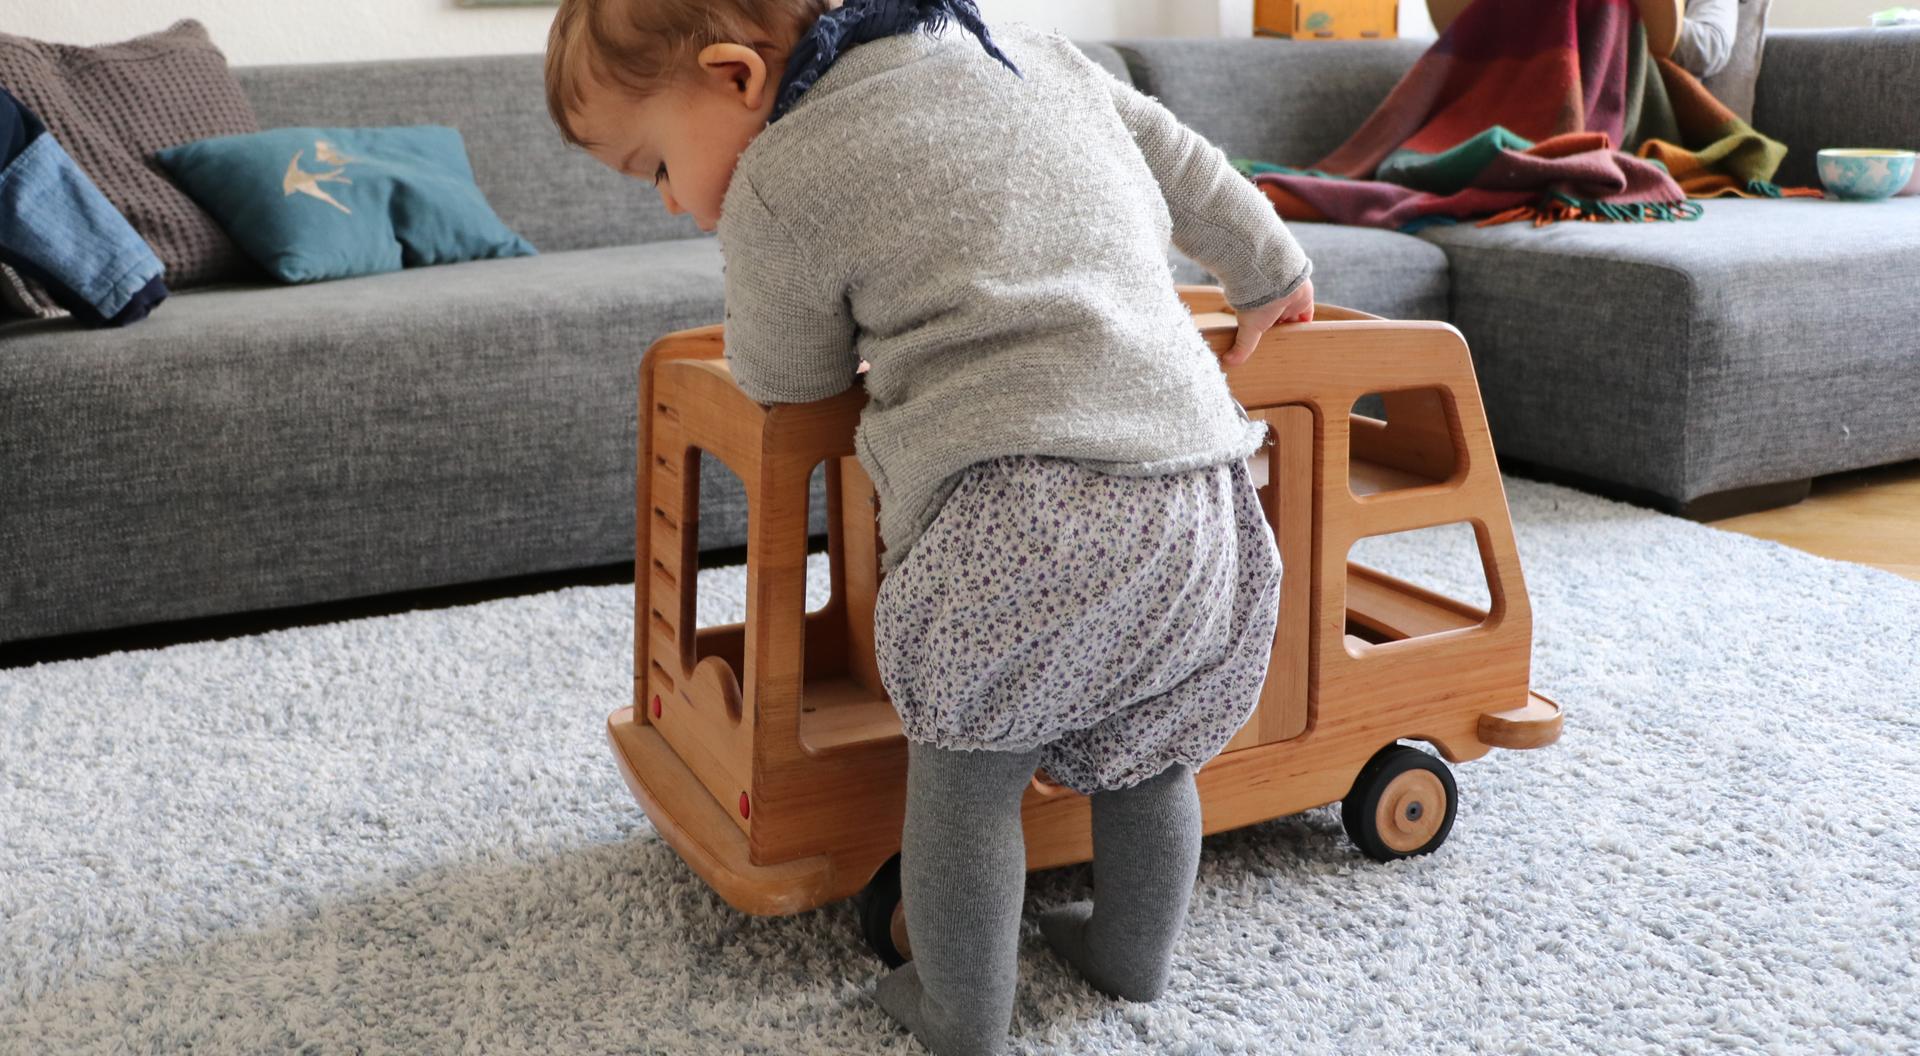 buoni in legno massello Giocattoli preferiticamper di genitori OP80nwk